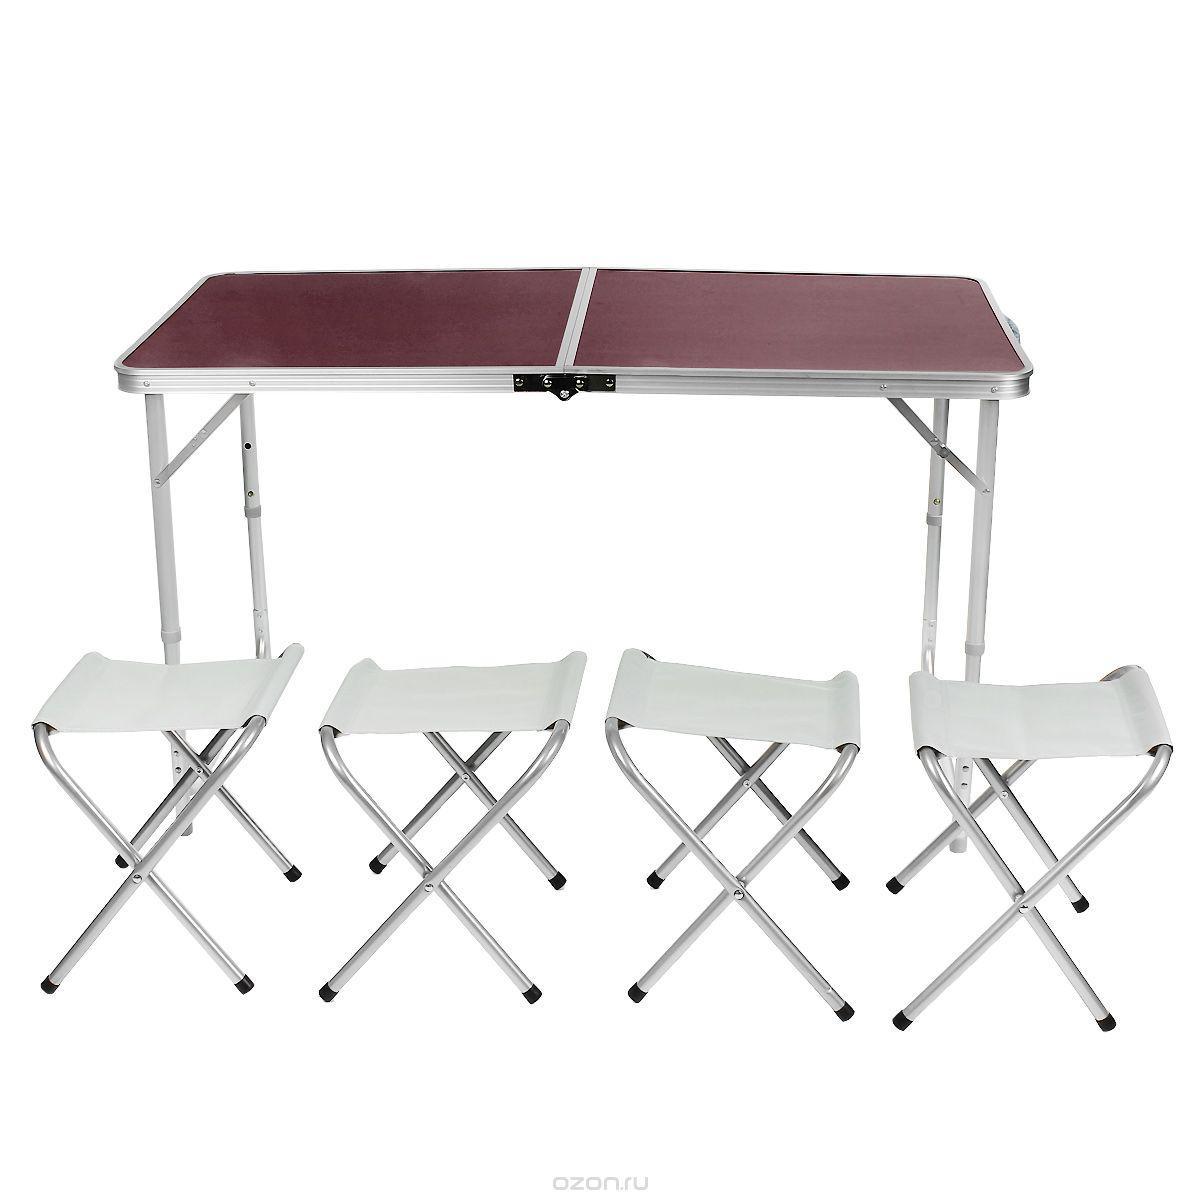 Стол для пикника раскладной со стульями Folding Table Коричневый, 120 х 70 см